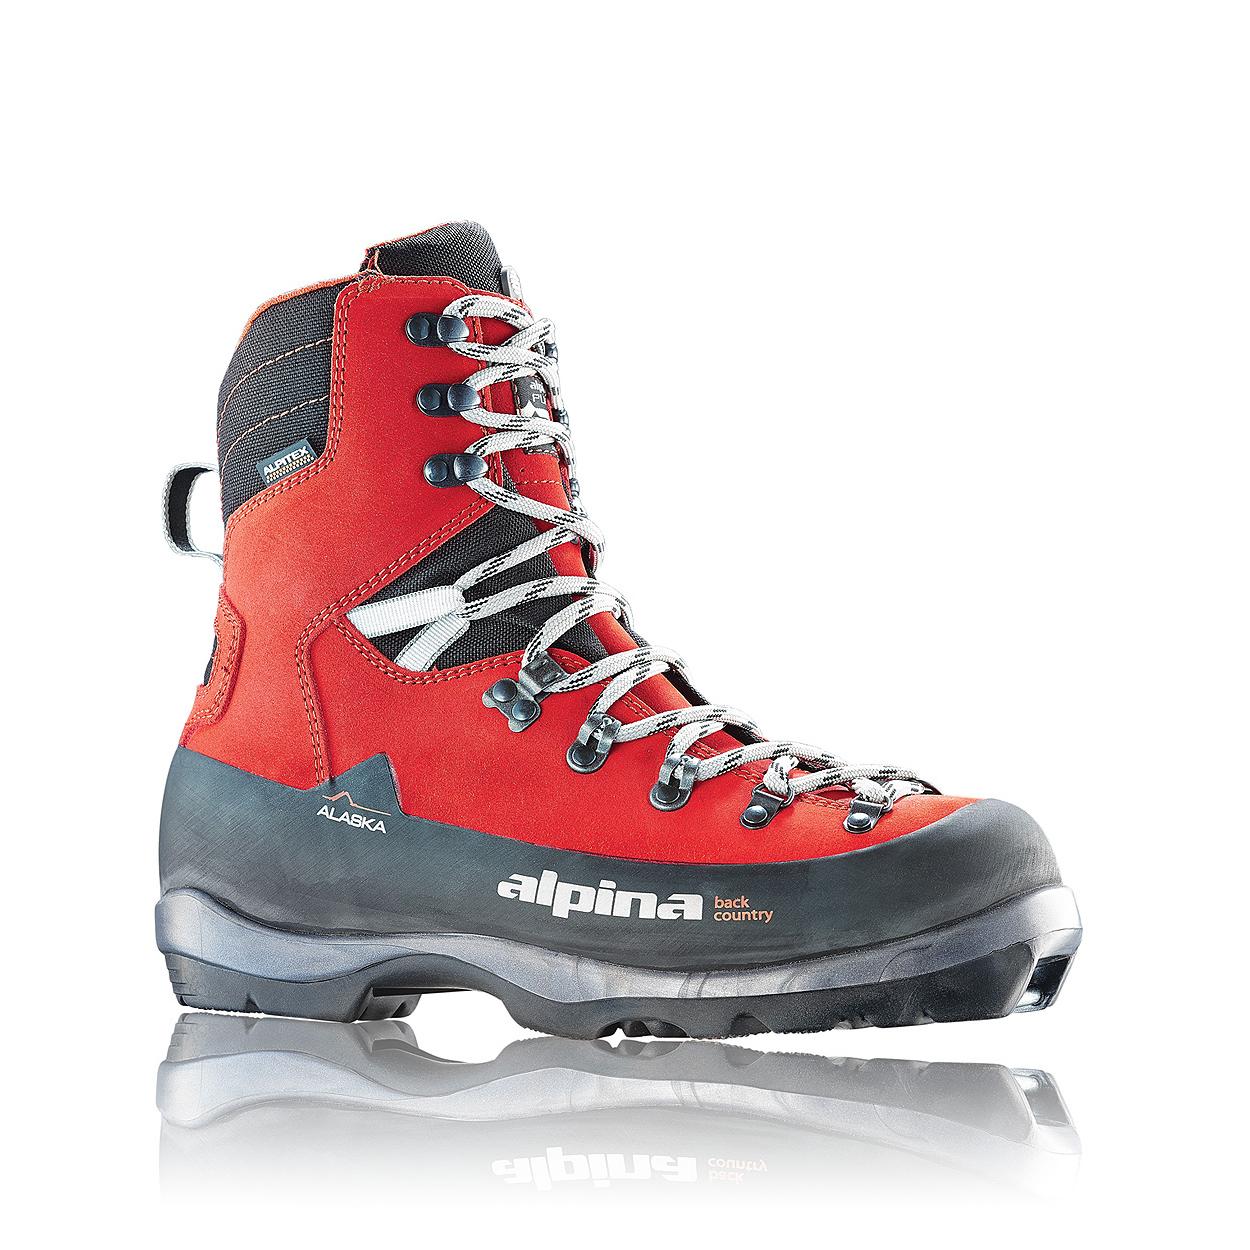 Image of Alaska NNN BC Ski Boot